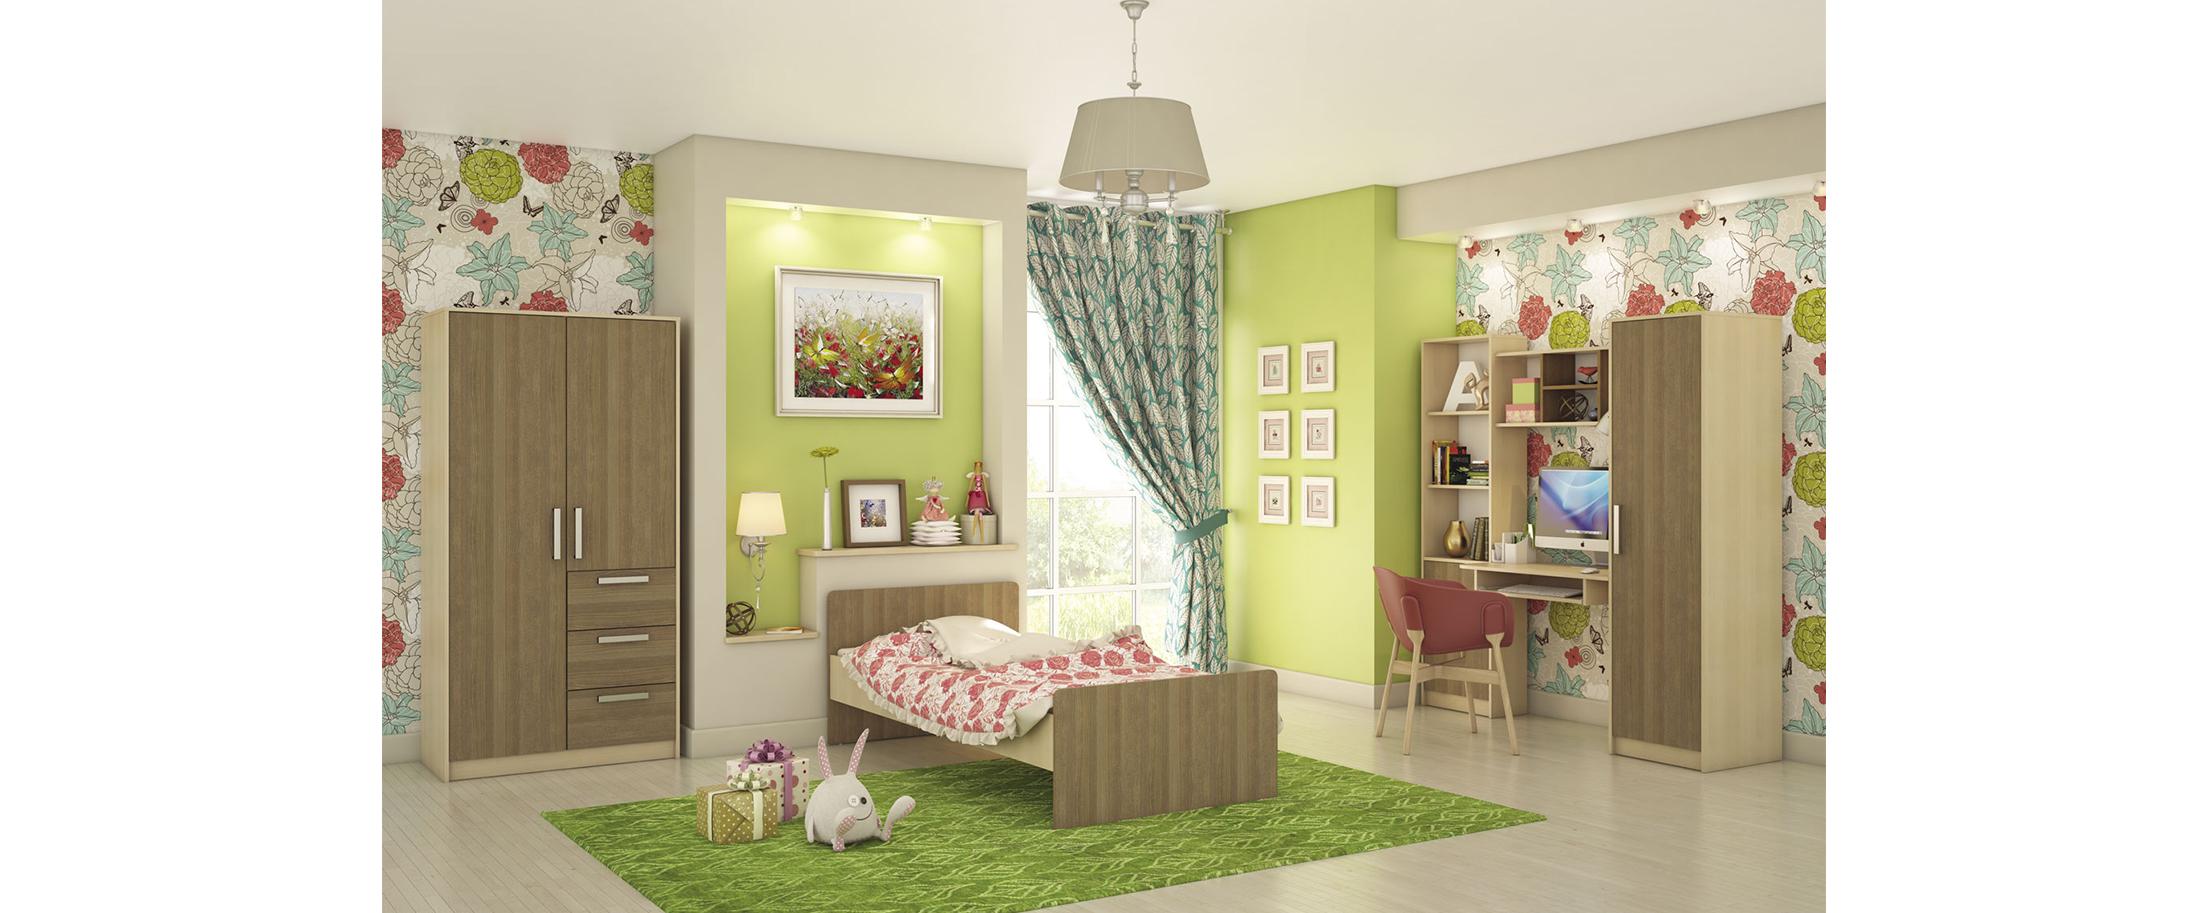 Детская цвета дуб кремона Мика 3 Модель 349Купить набор уютной и комфортной детской мебели в интернет магазине MOON TRADE. Спальное место 90х190 см. Быстрая доставка, вынос упаковки, гарантия! Выгодная покупка!<br>